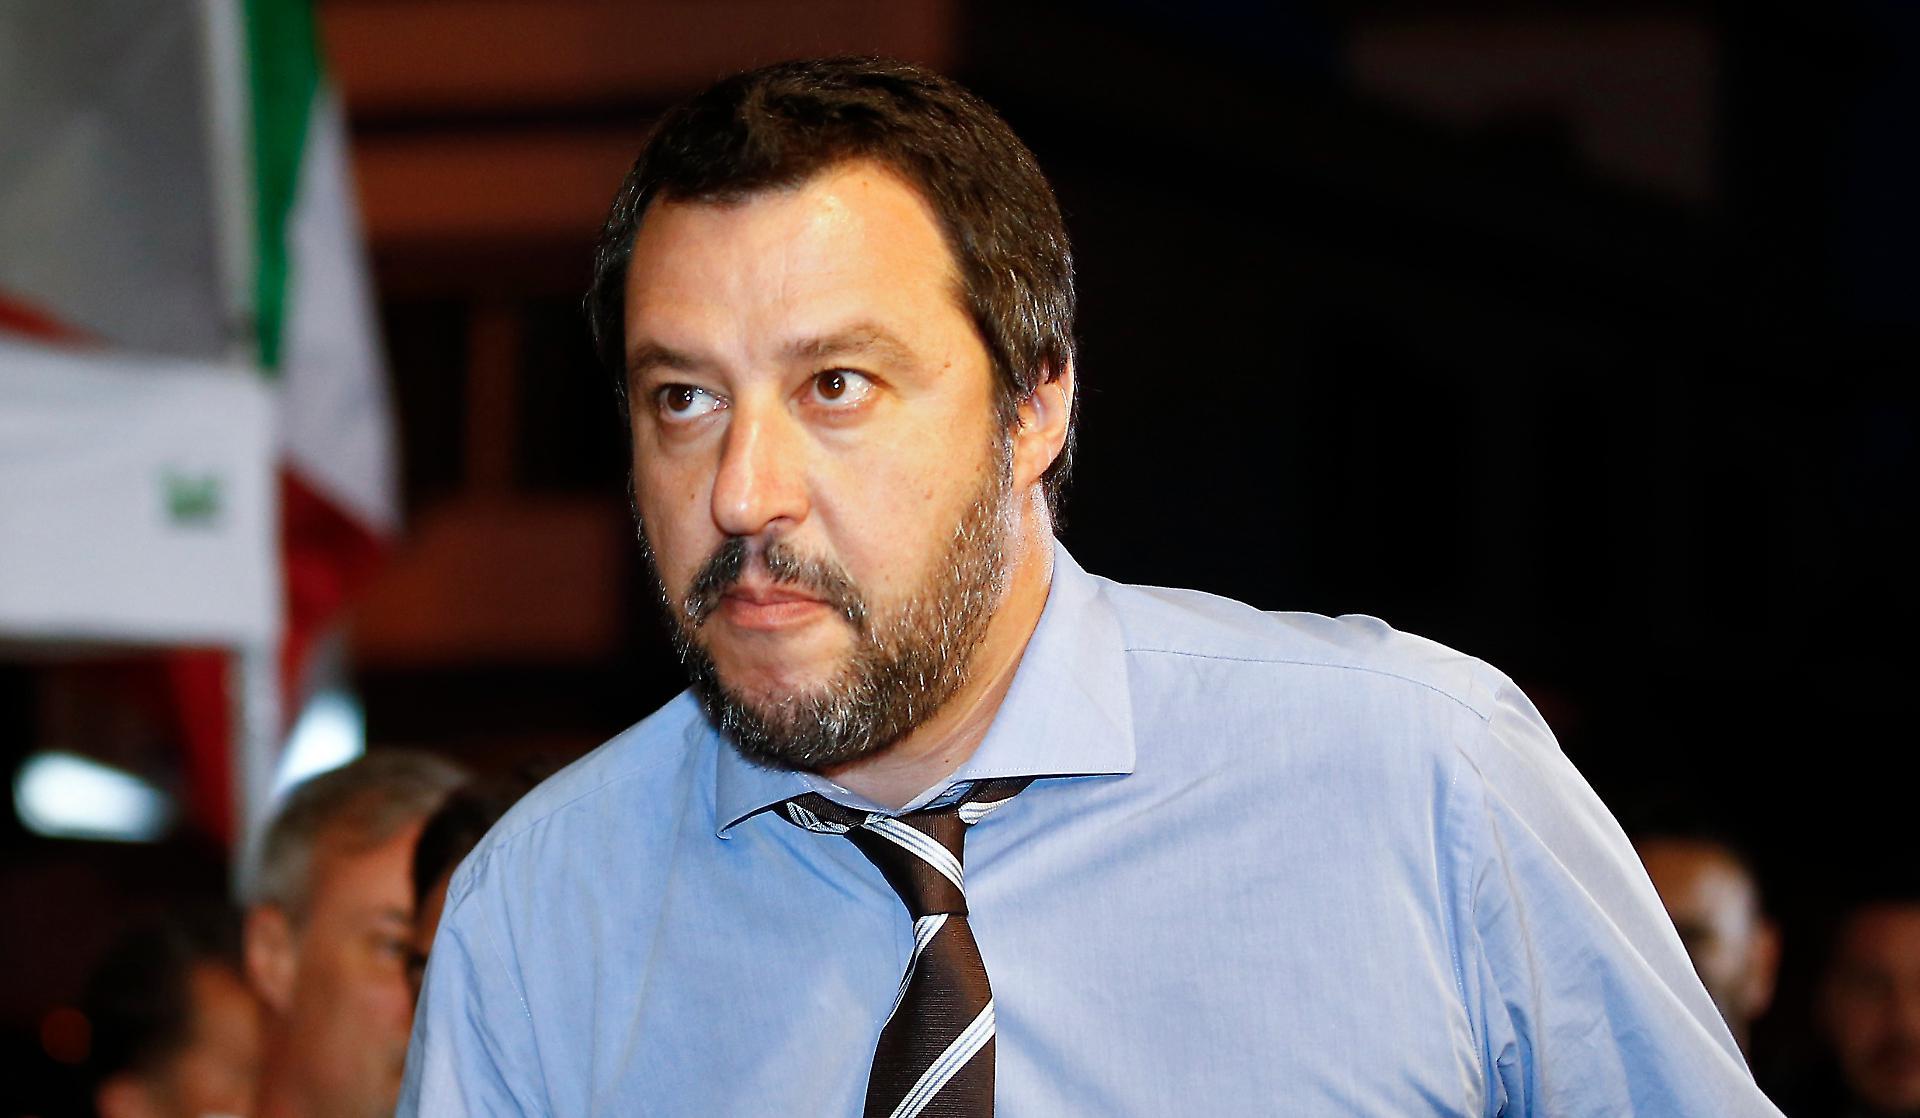 """""""Avete ragione"""". Autostrade: Salvini scoperto, costretto ad"""